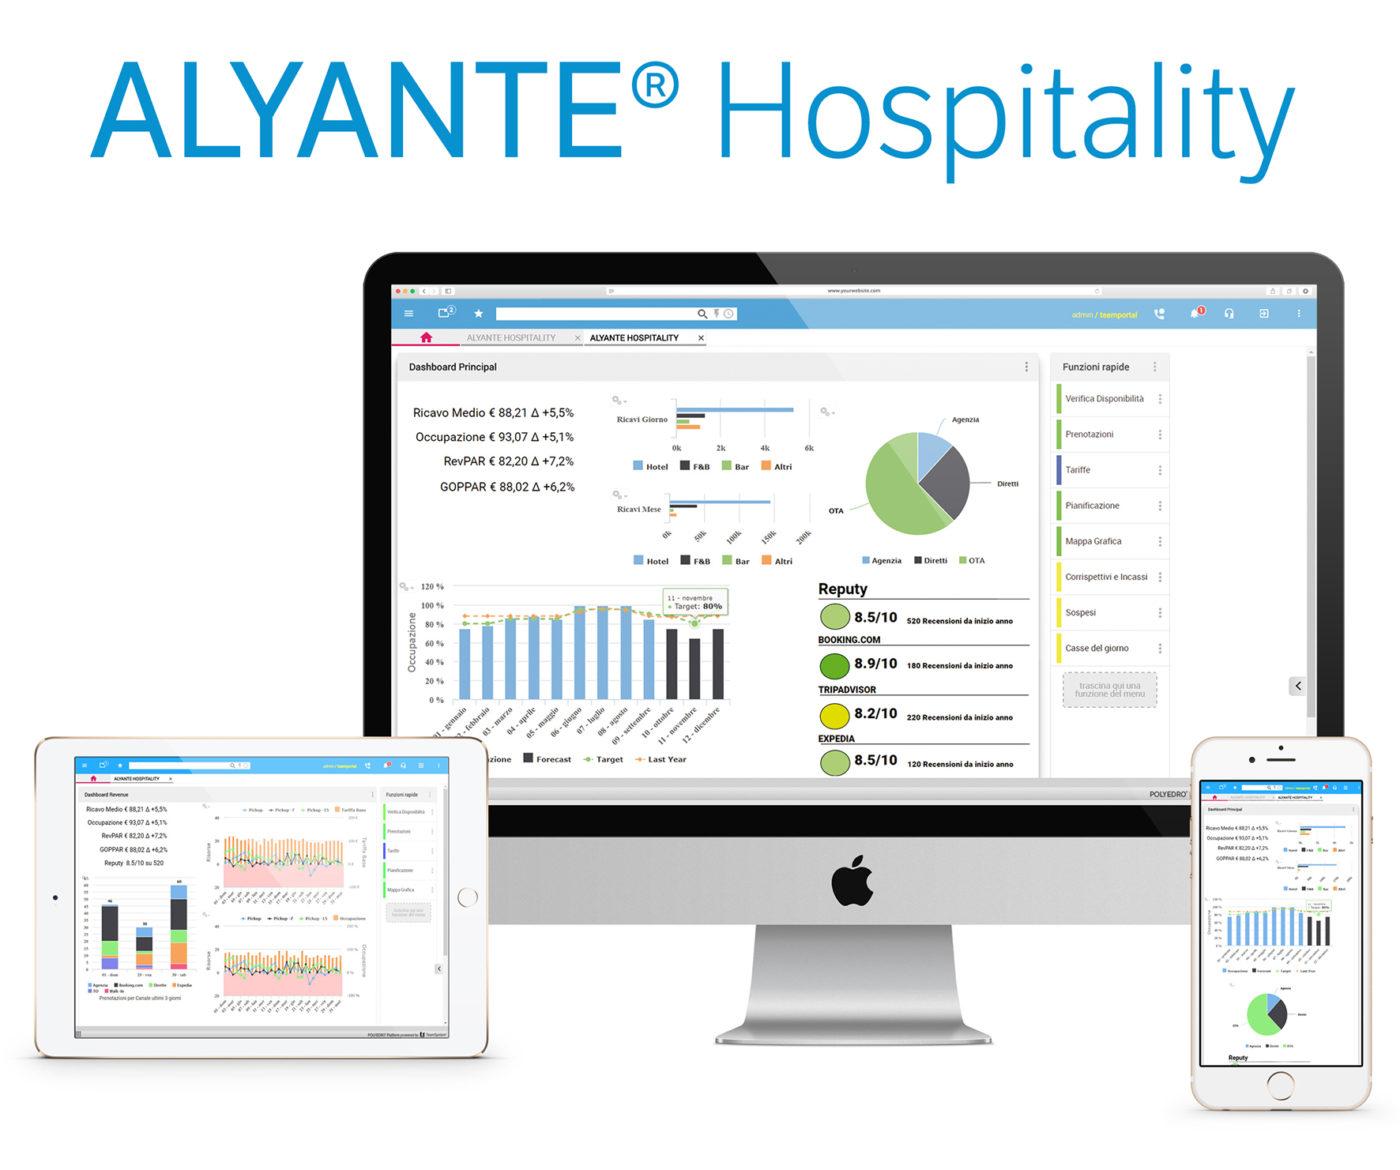 gestire i big data con Alyante Hospitality tramite pc, tablet e smarphone